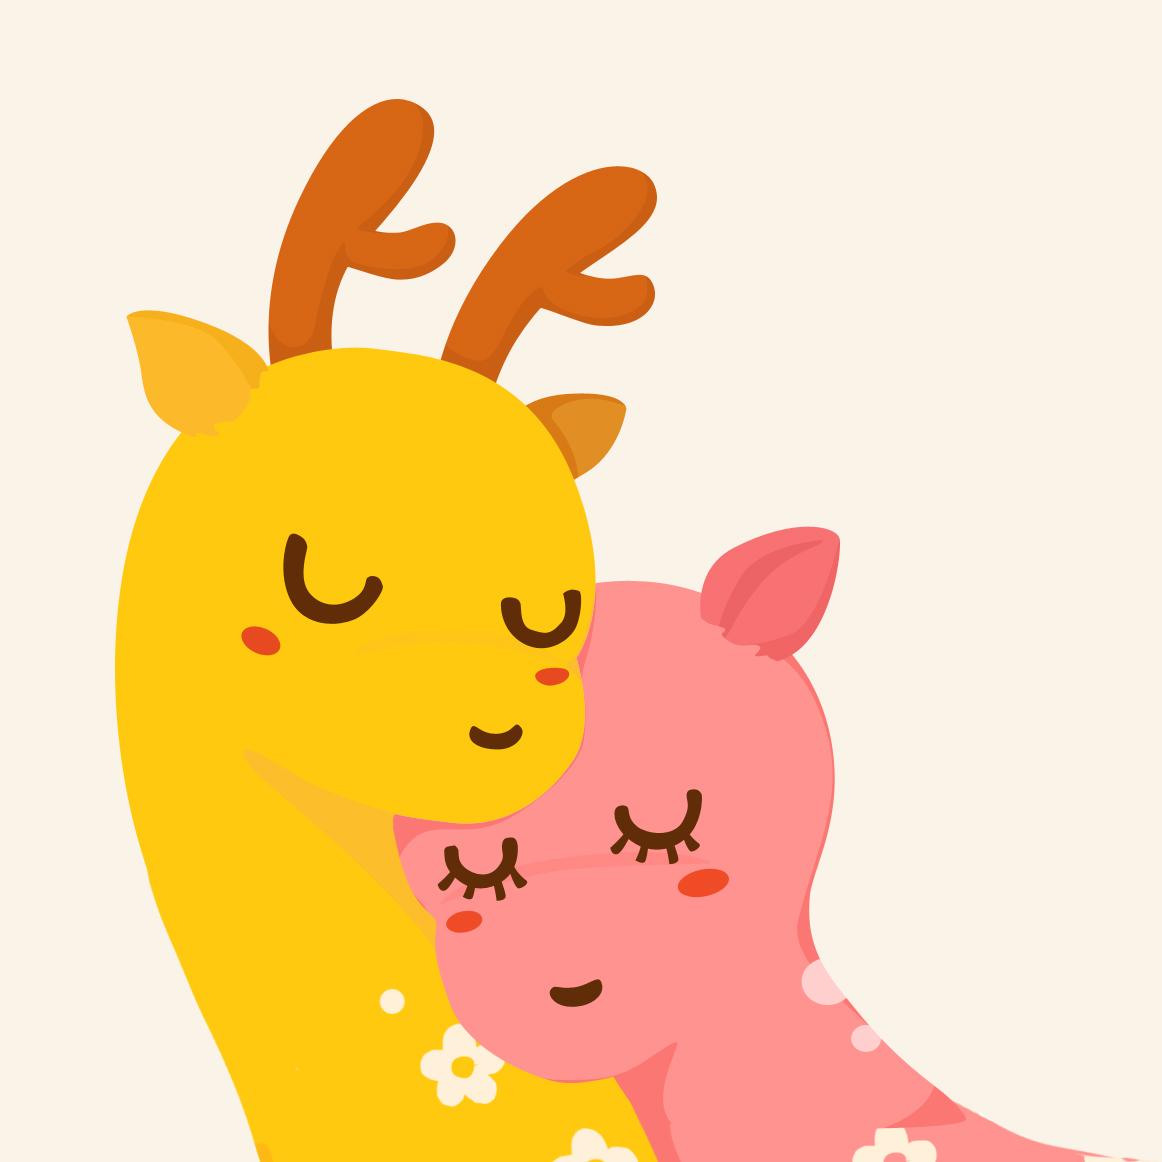 微信可爱动物头像小鹿